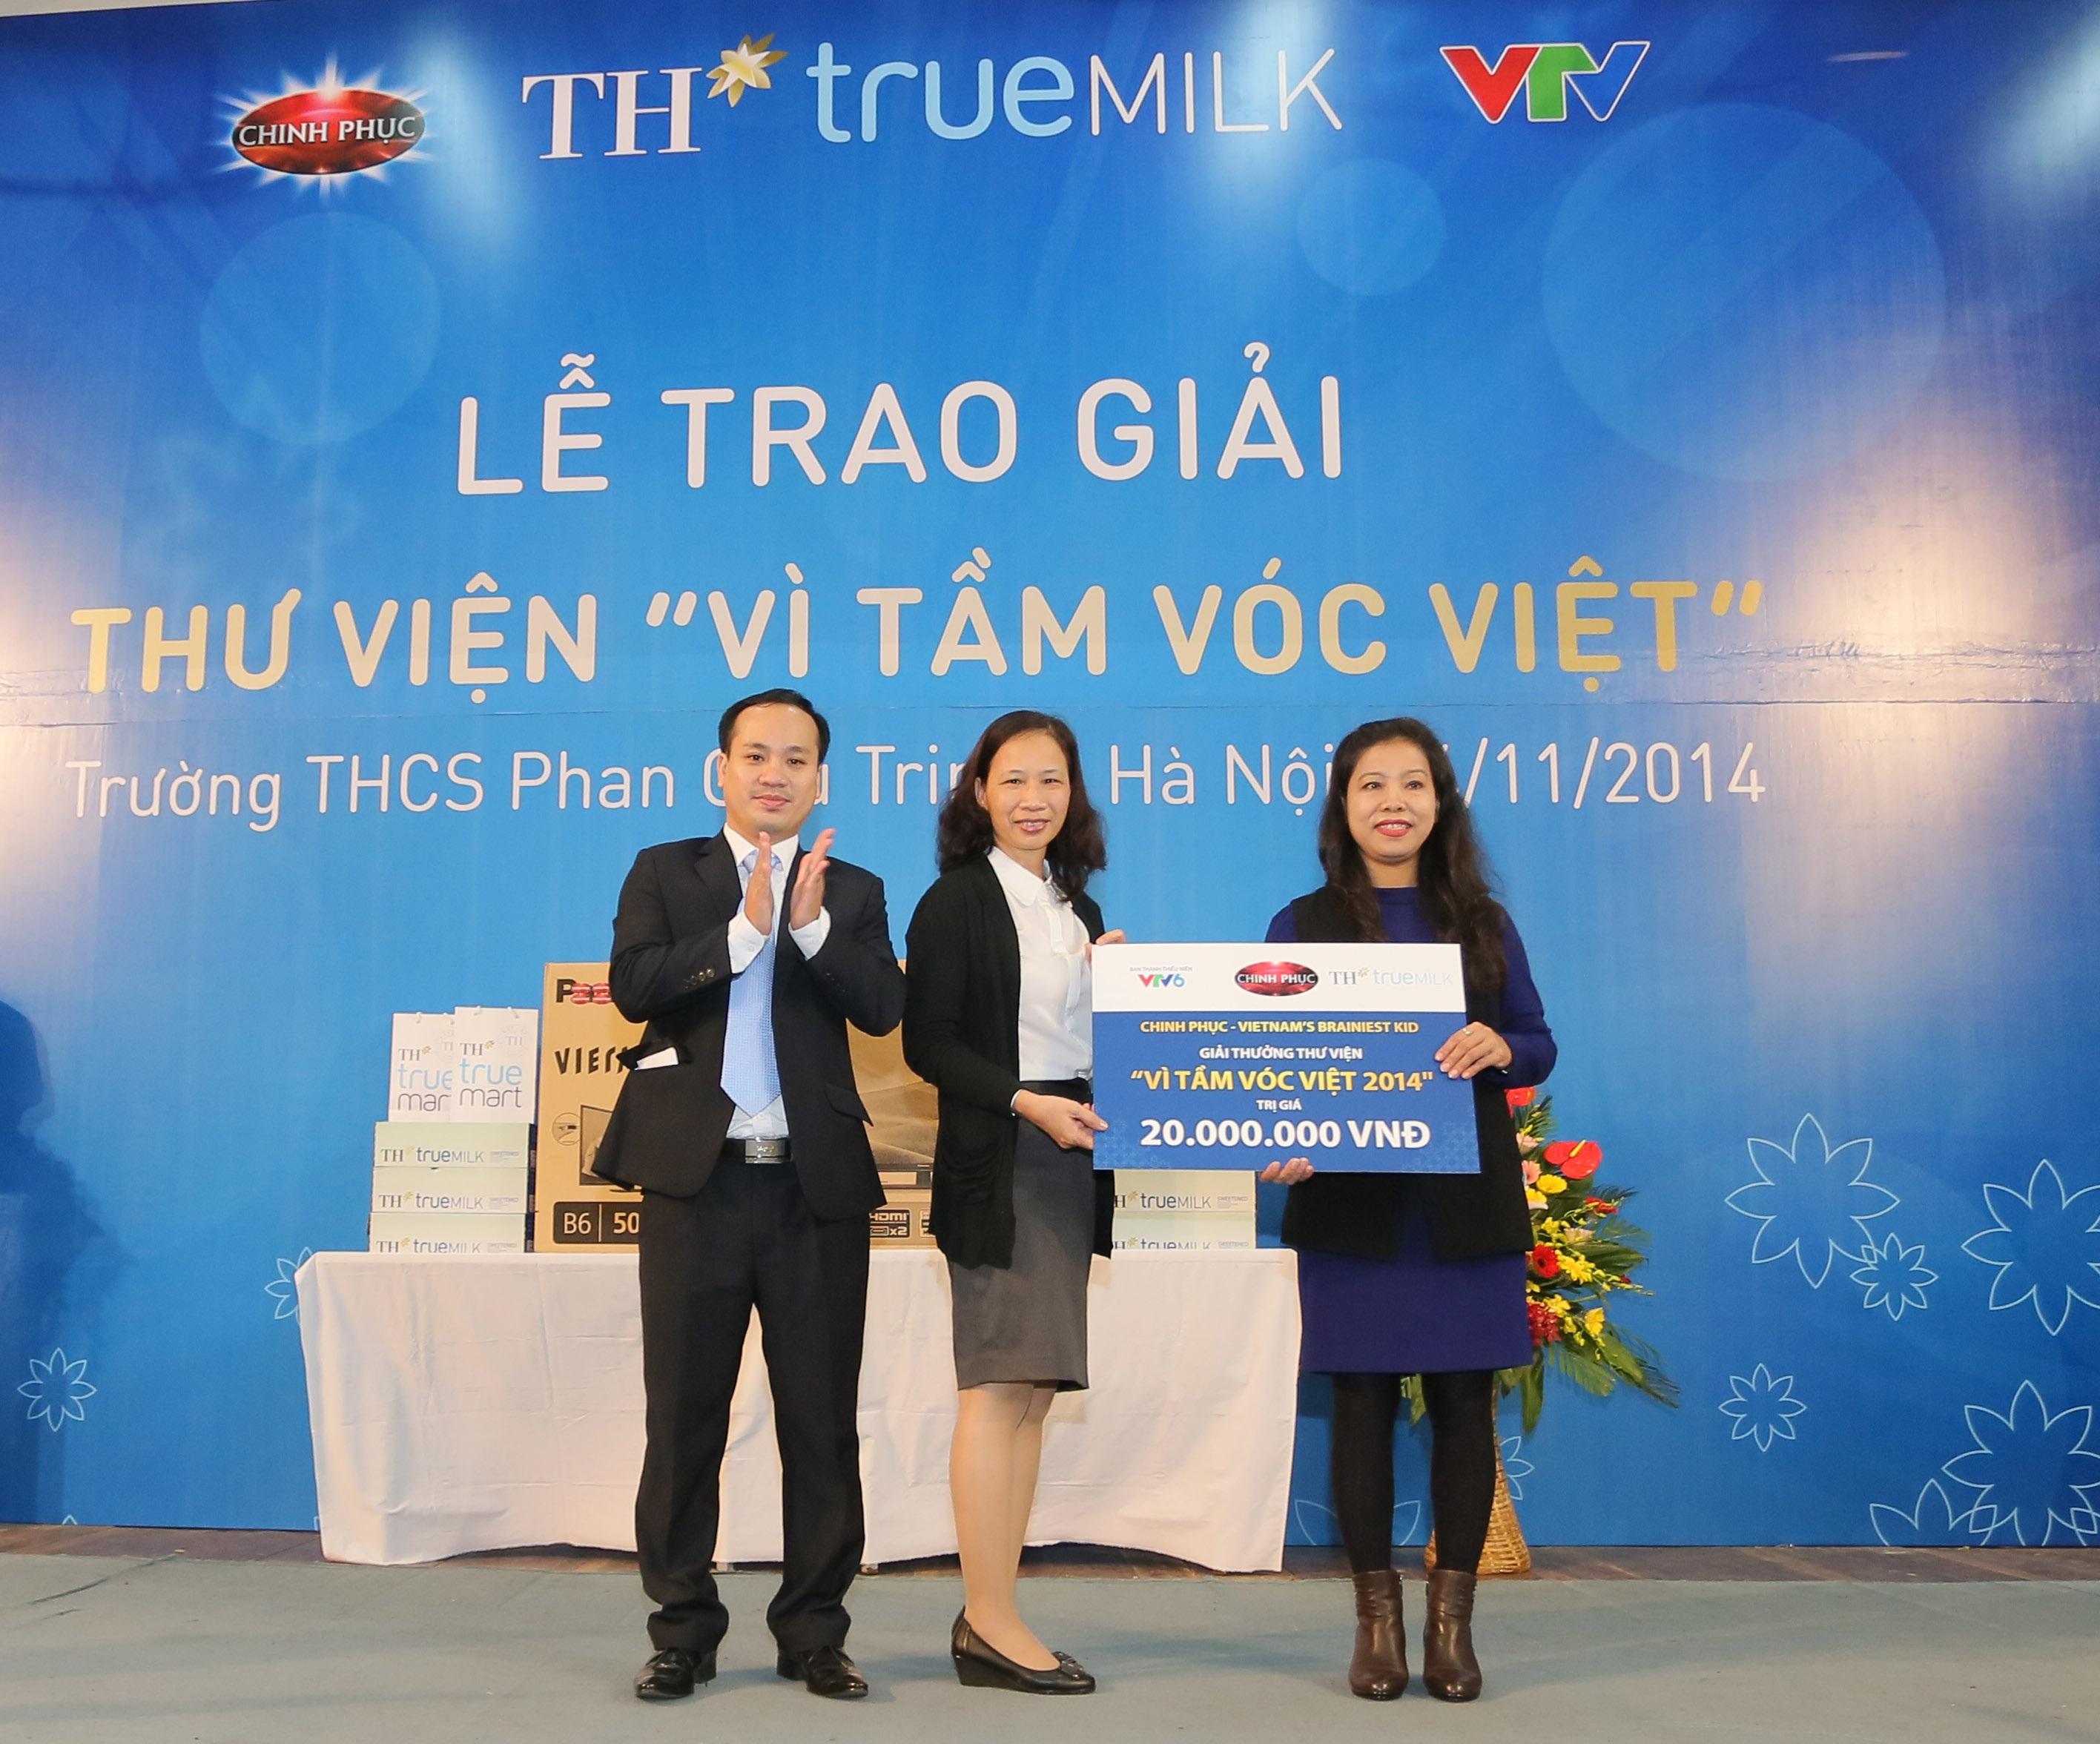 Trường THCS Phan Chu Trinh - Hà Nội nhận giải thư viện Vì Tầm Vóc Việt